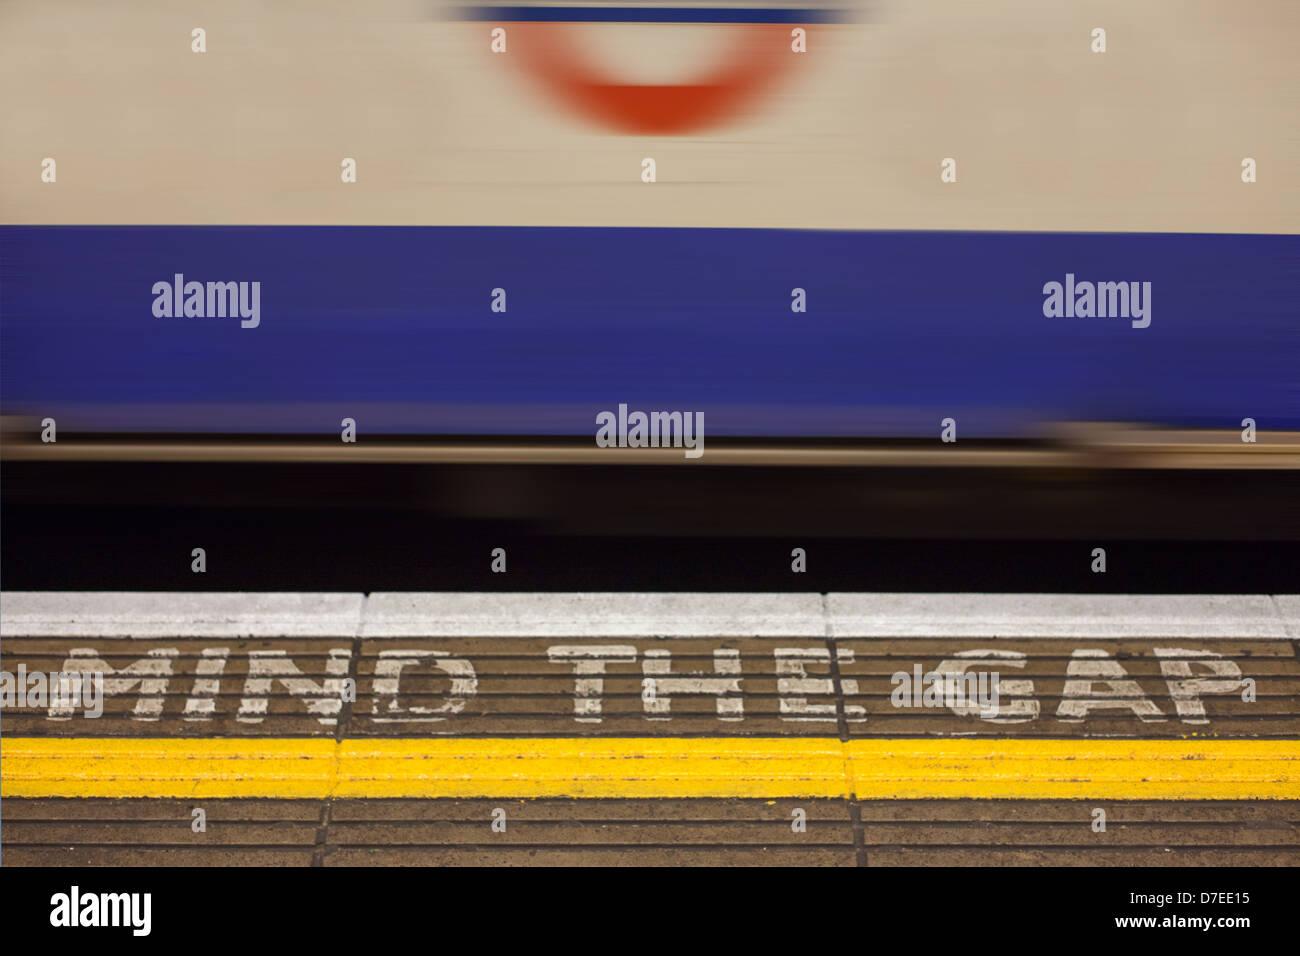 La station de métro Bank 'Mind l'écart' signe peint sur la plate-forme de station avec fast Photo Stock